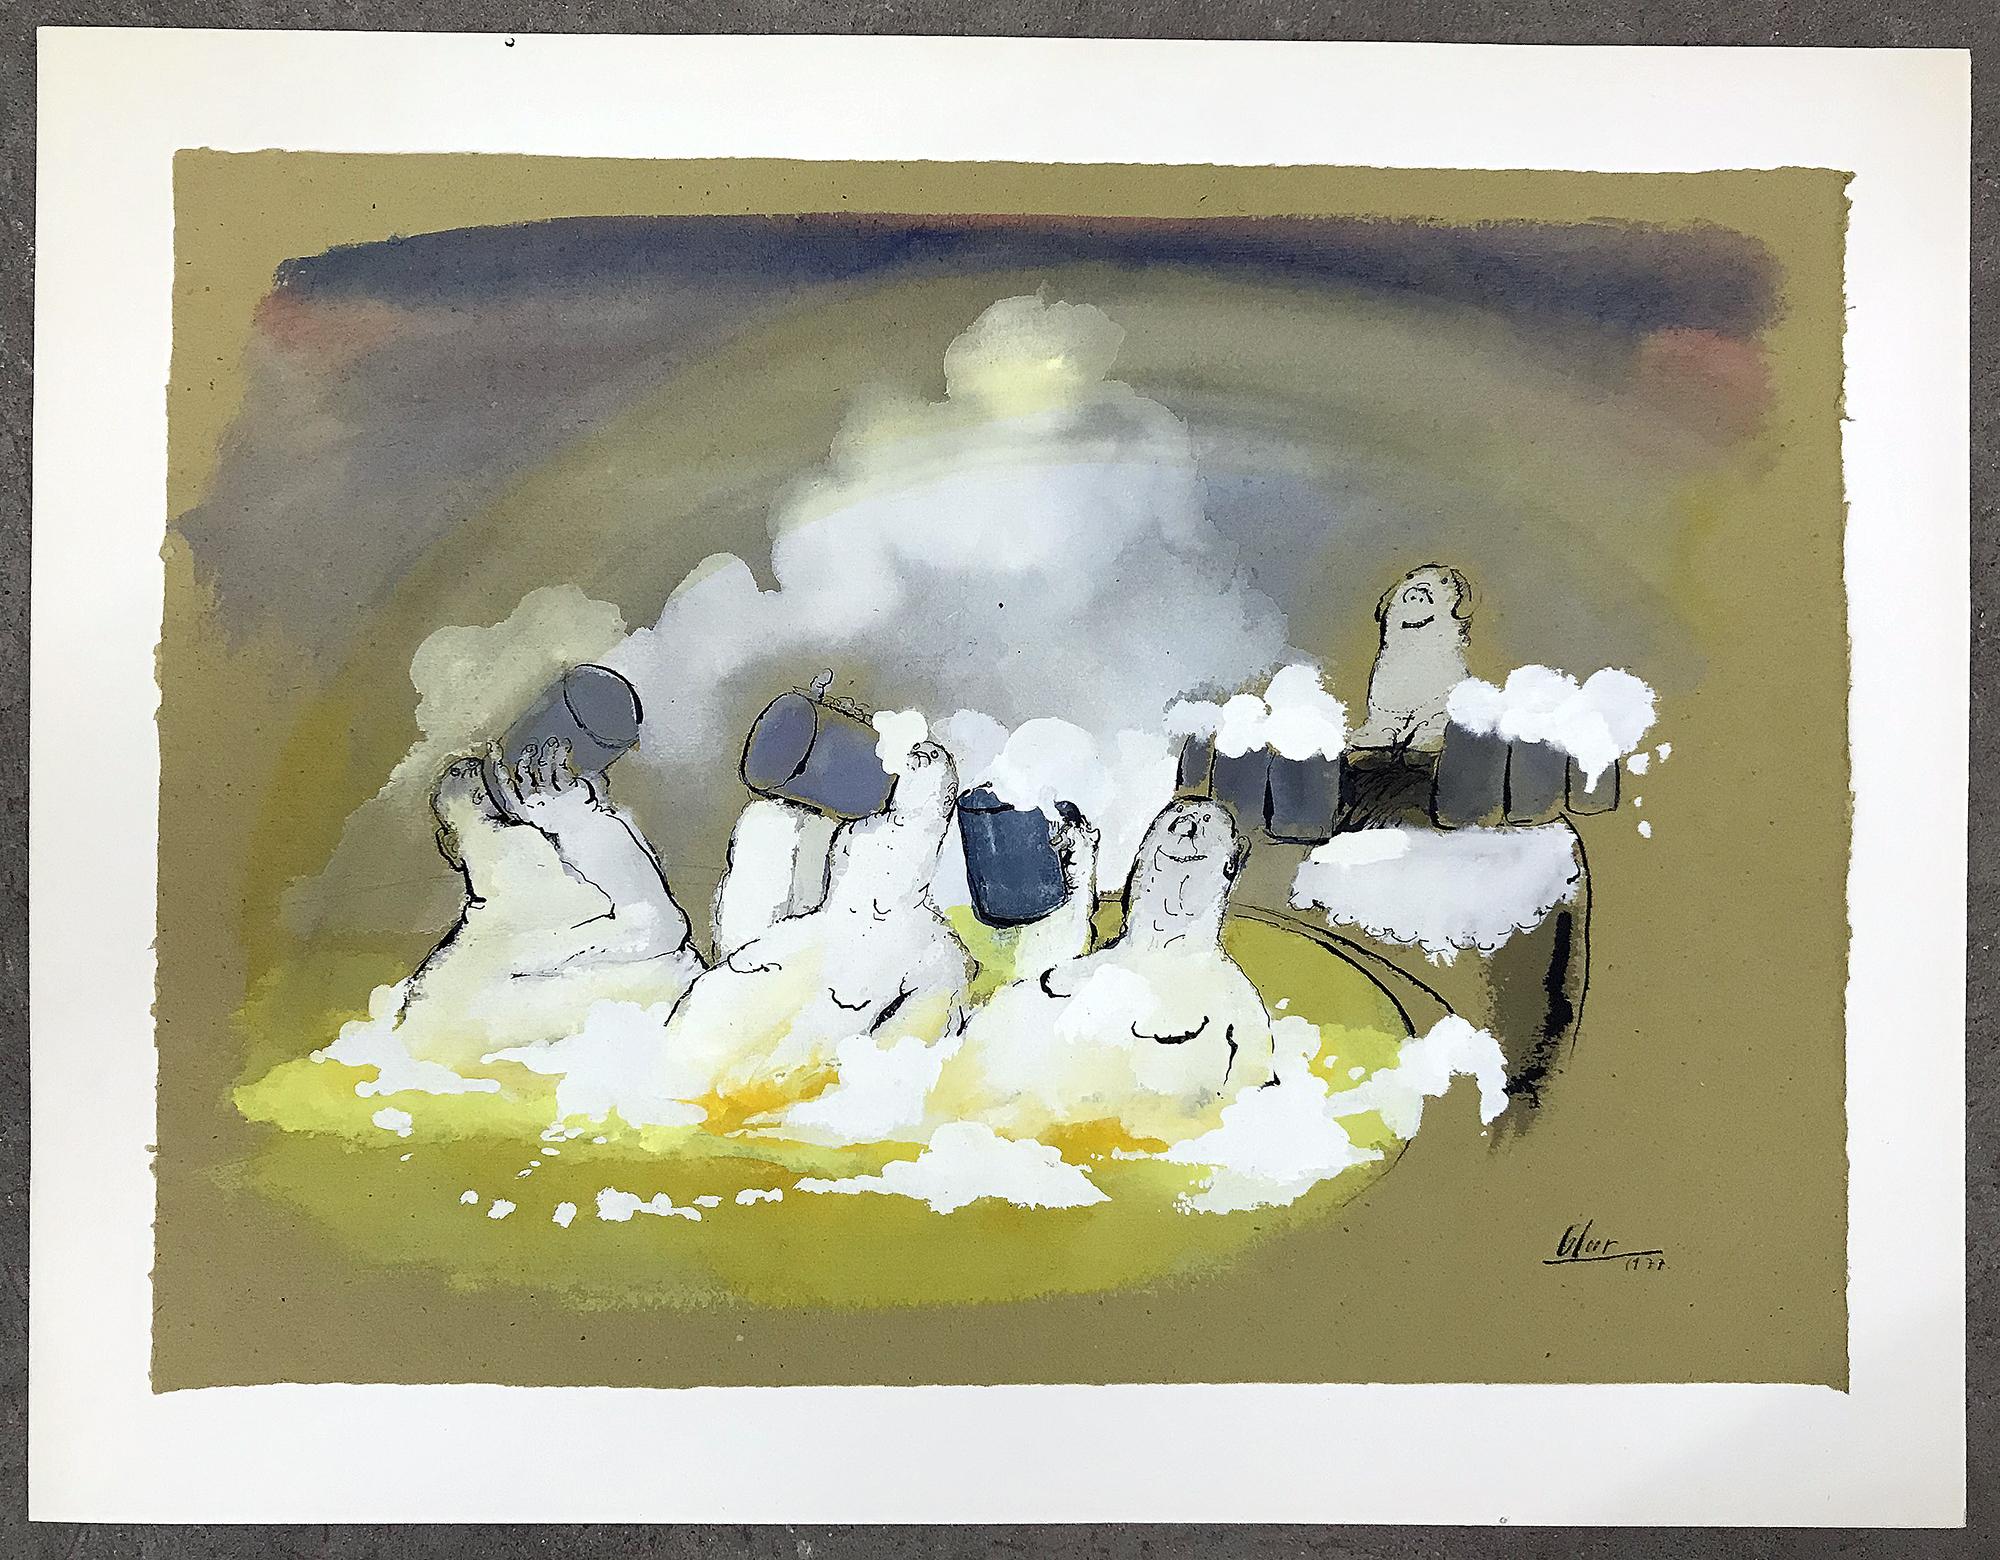 Bierbad, 1977, Mischtechnik auf Büttenpapier, 57 x 50 cm, ohne Rahmen